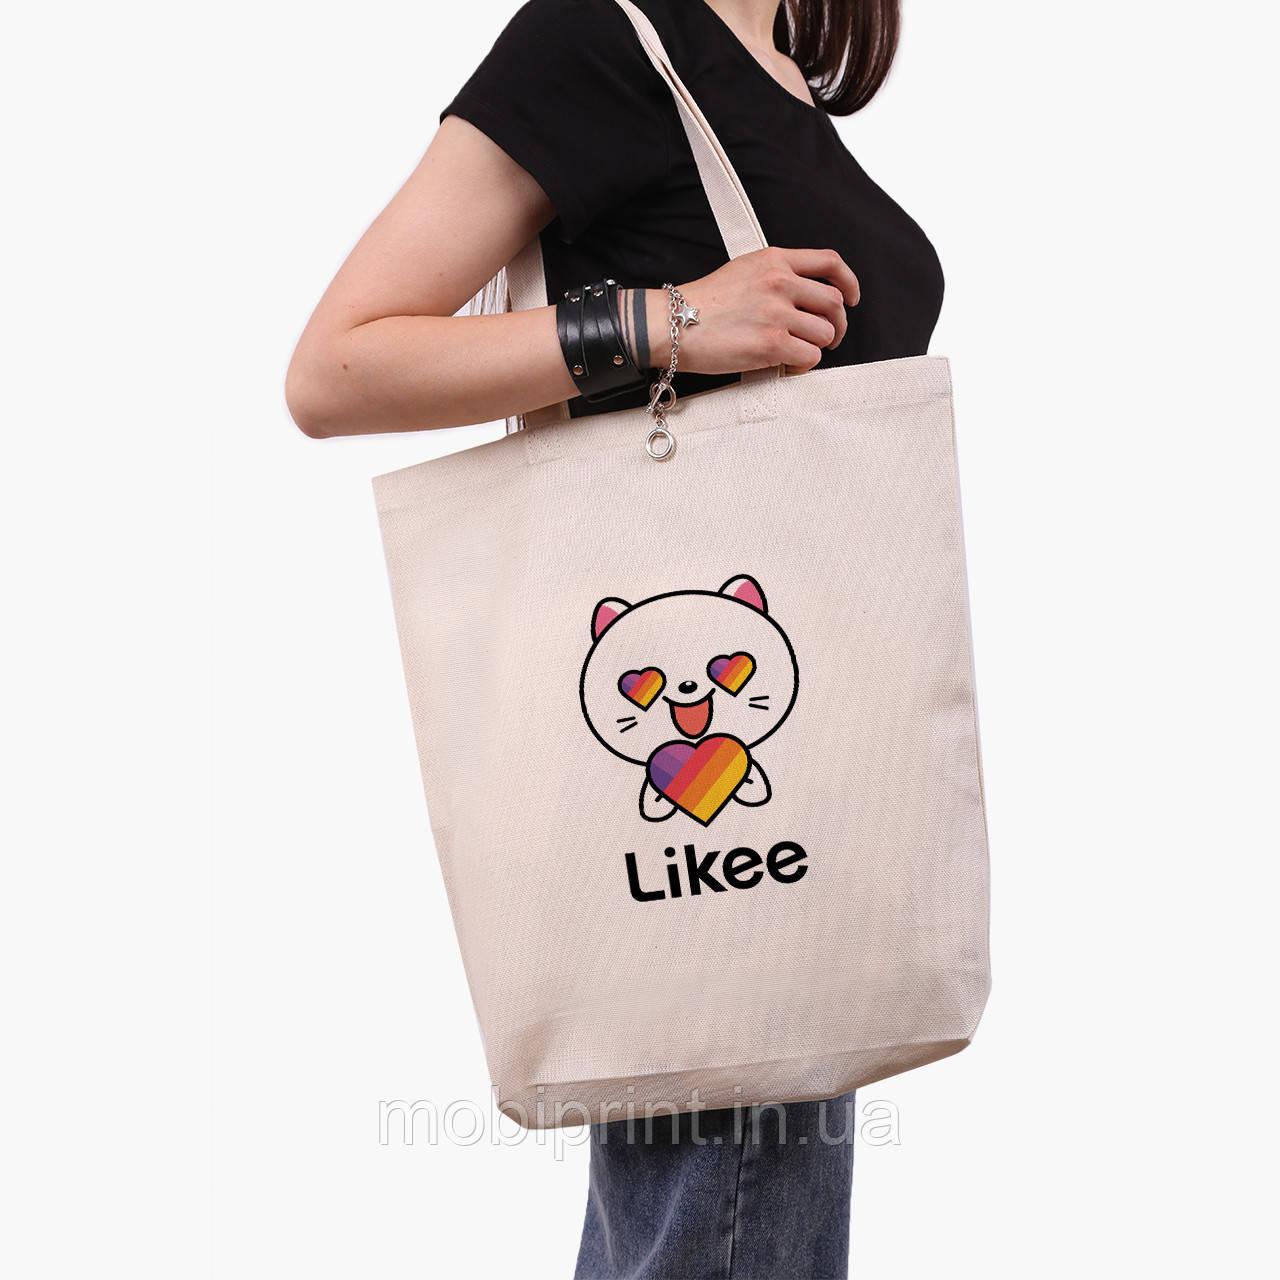 Эко сумка шоппер белая Лайк (Likee) (9227-1036-1)  экосумка шопер 41*39*8 см